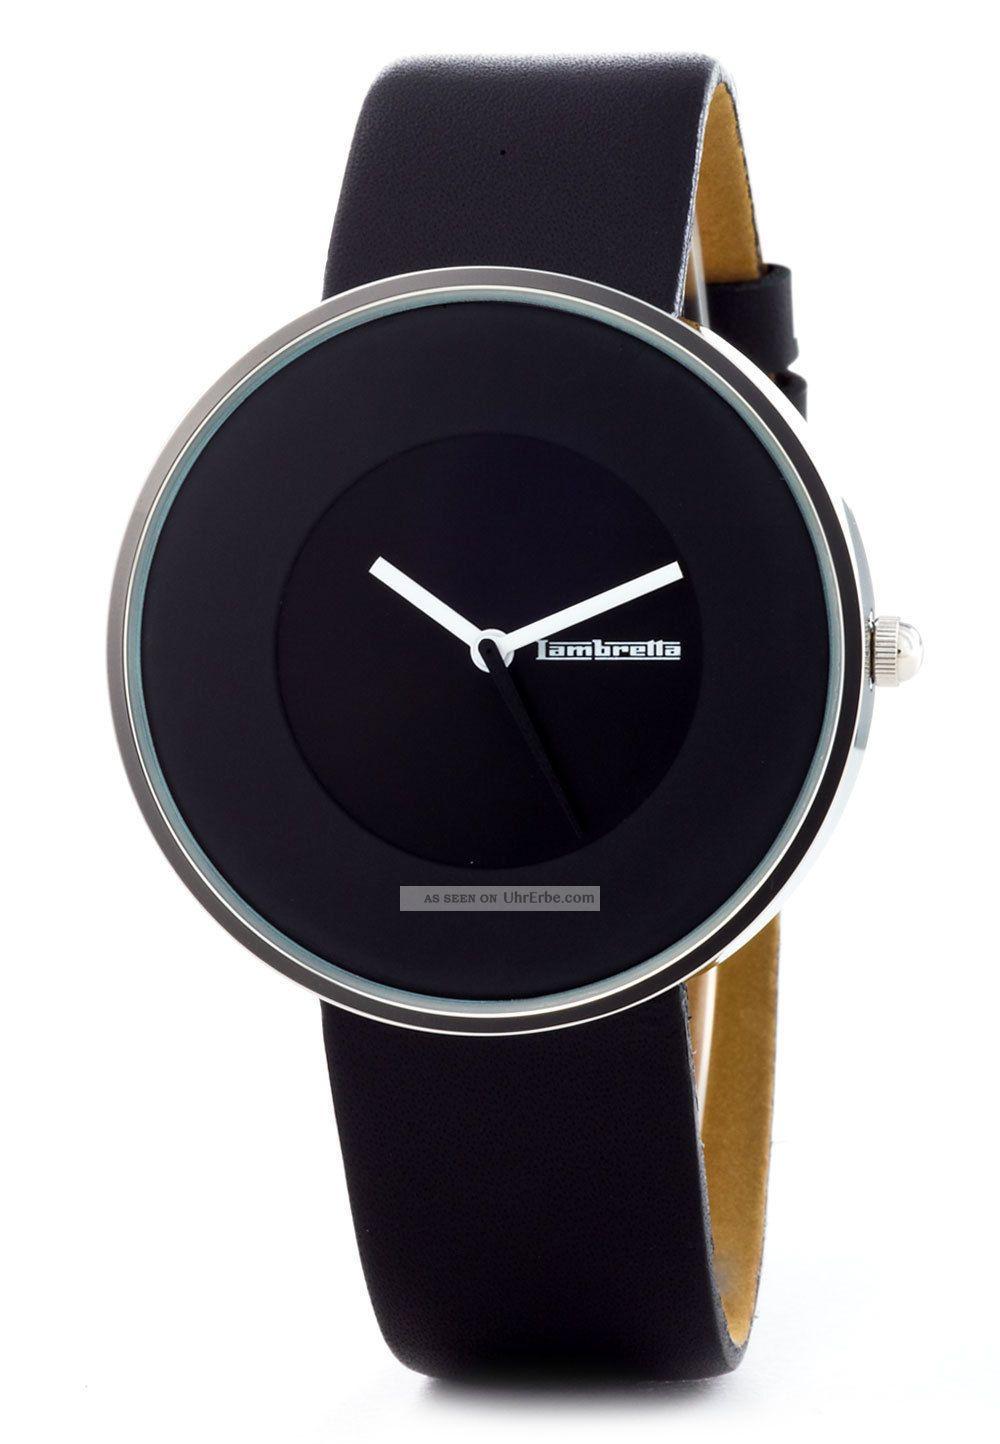 Lambretta Damen Uhr Cielo Lederarmband Schwarz Silbern Armbanduhren Bild